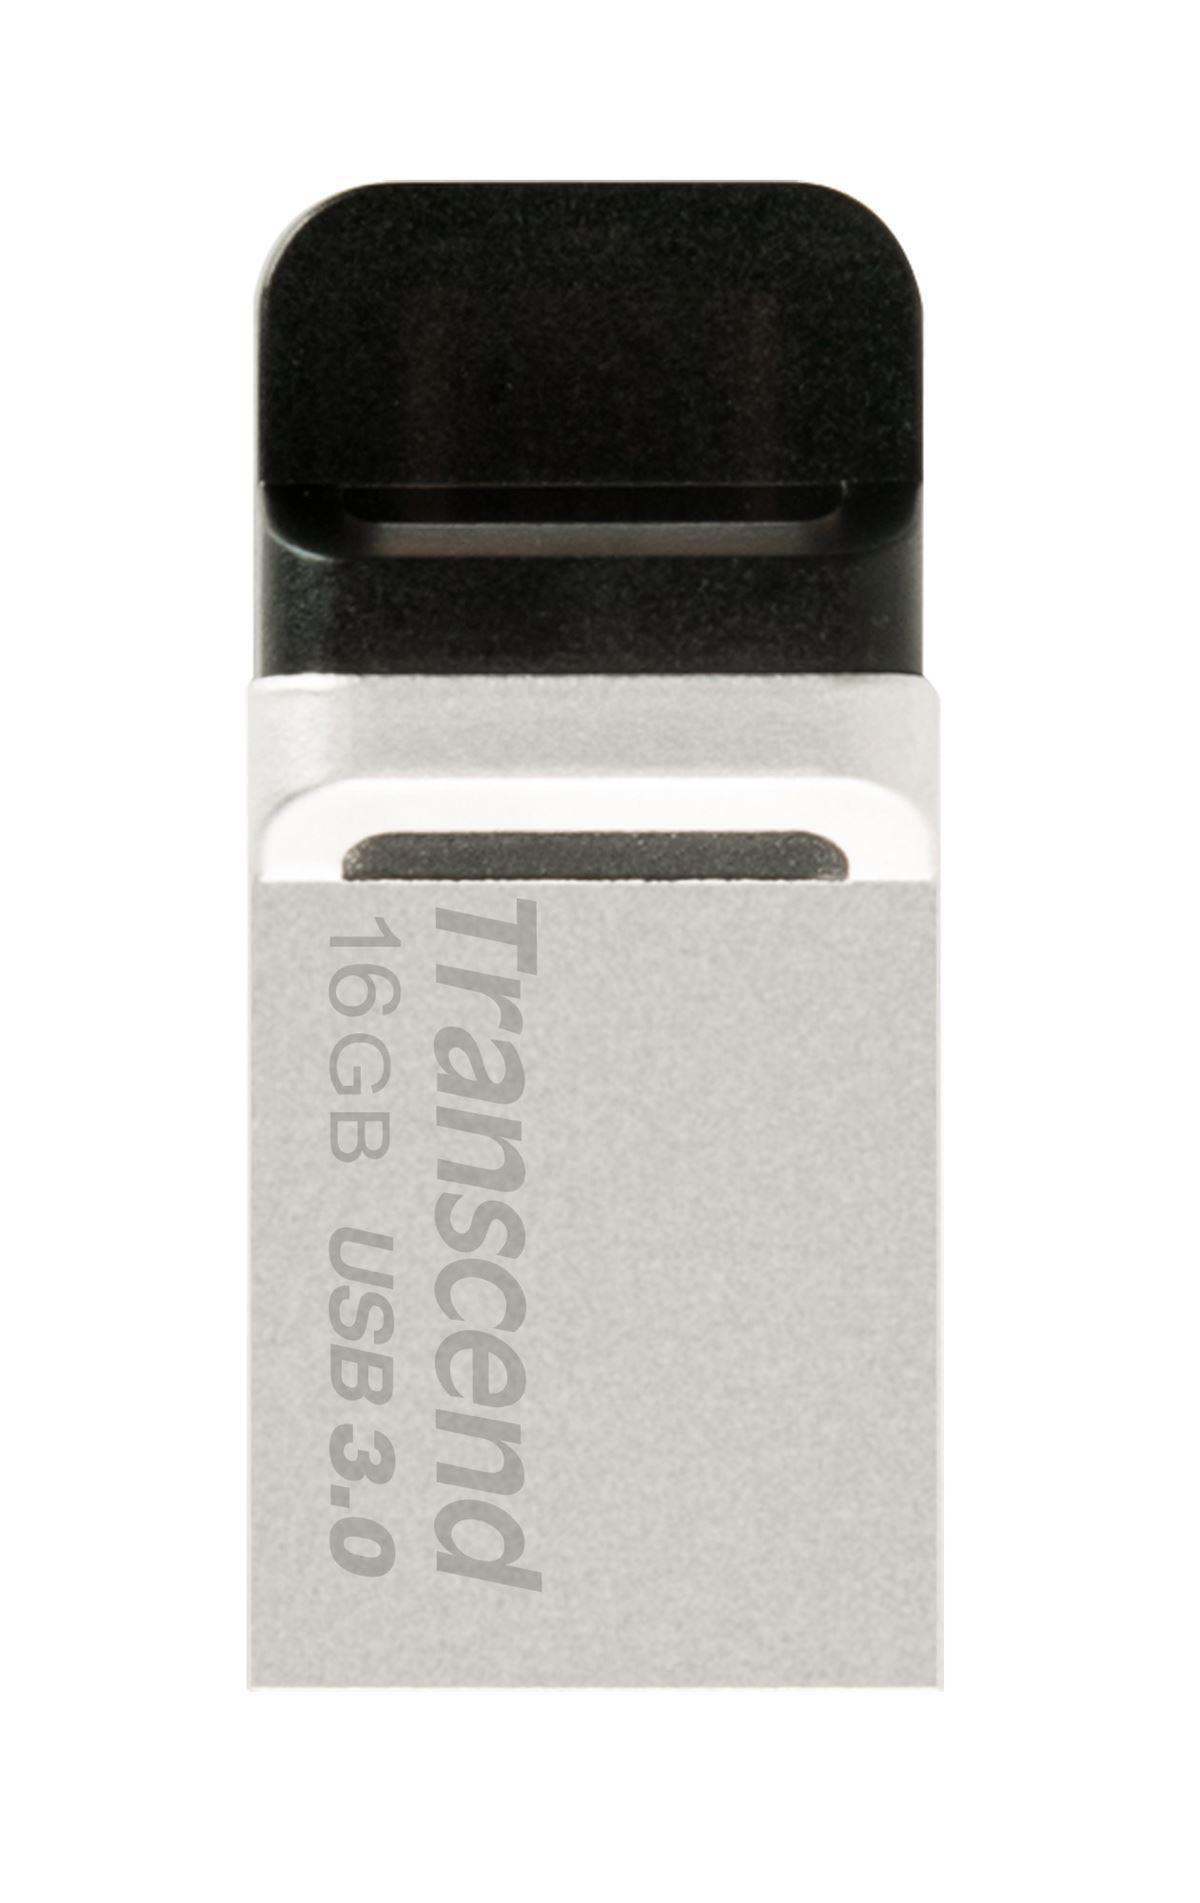 16GB Transcend Jetflash®880 USB3.0 OTG Flash Drive